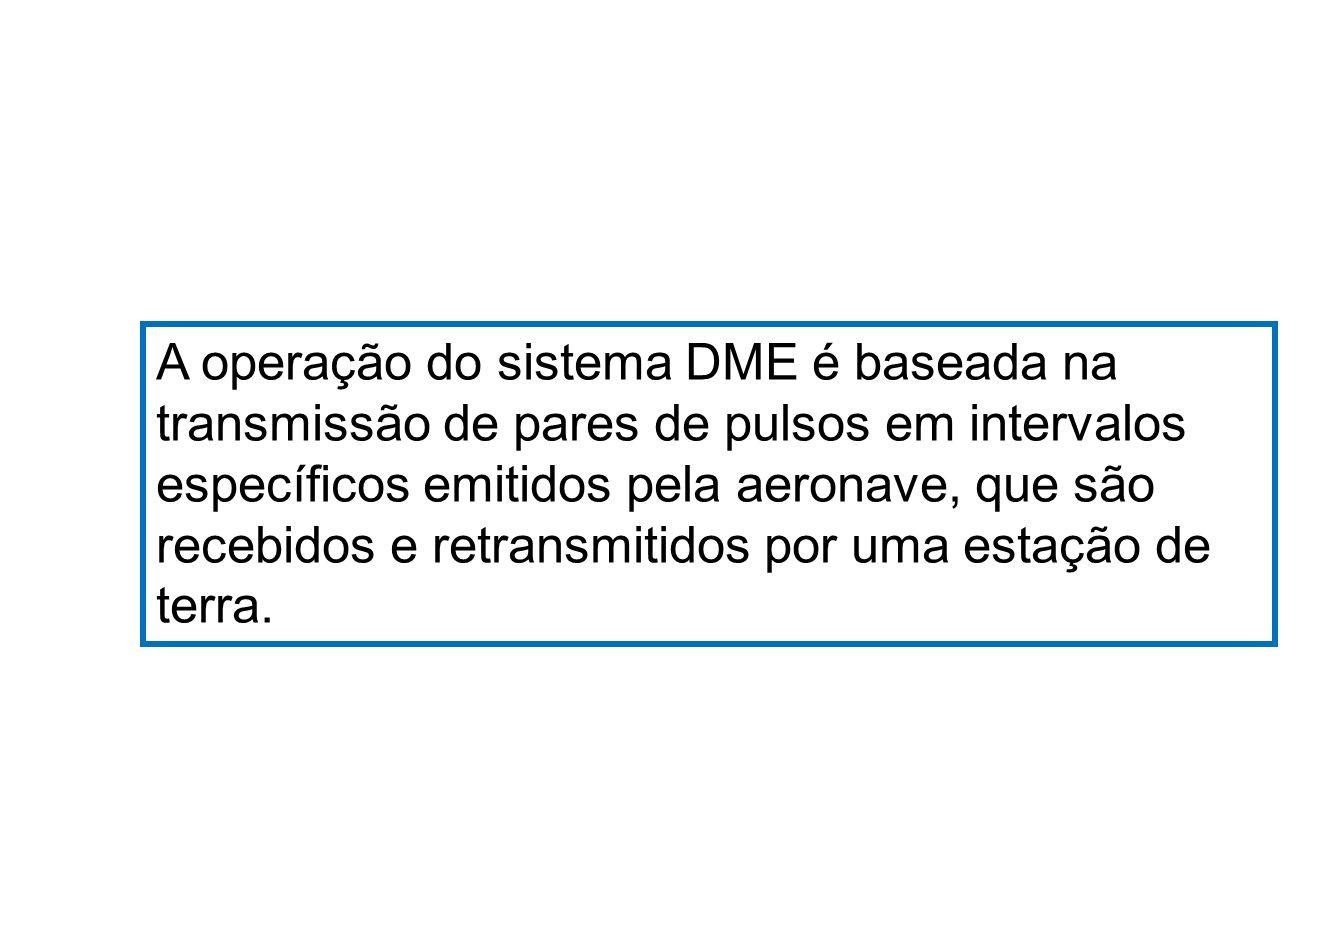 A operação do sistema DME é baseada na